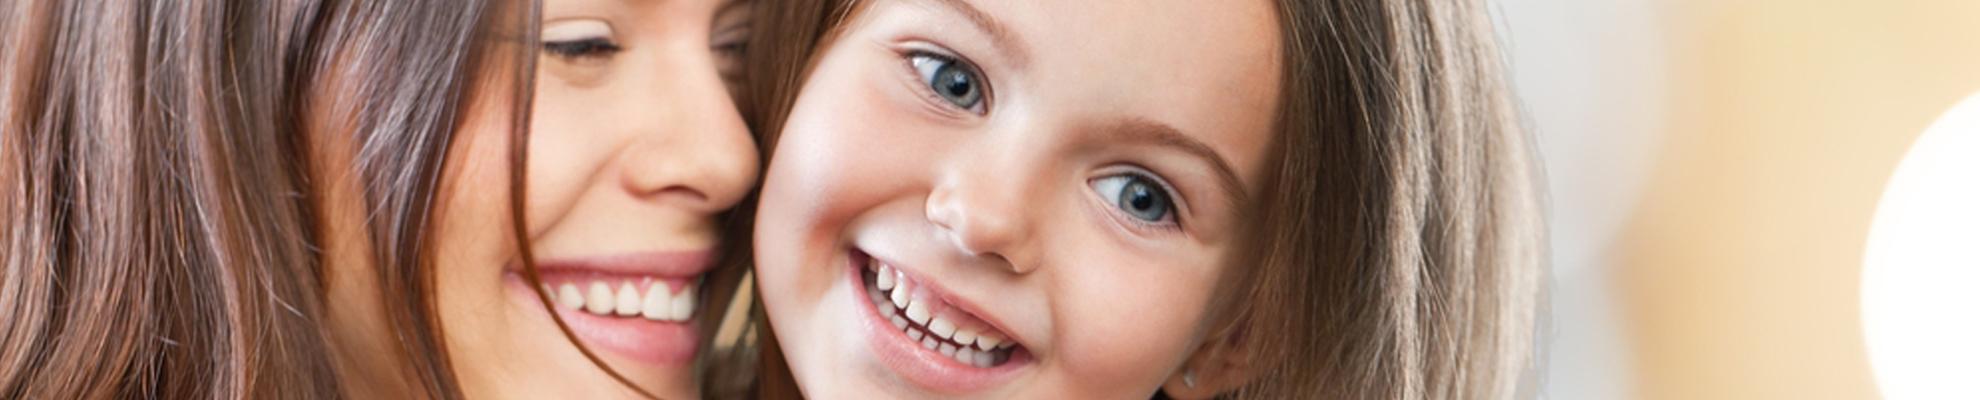 bedövning tandläkare biverkningar